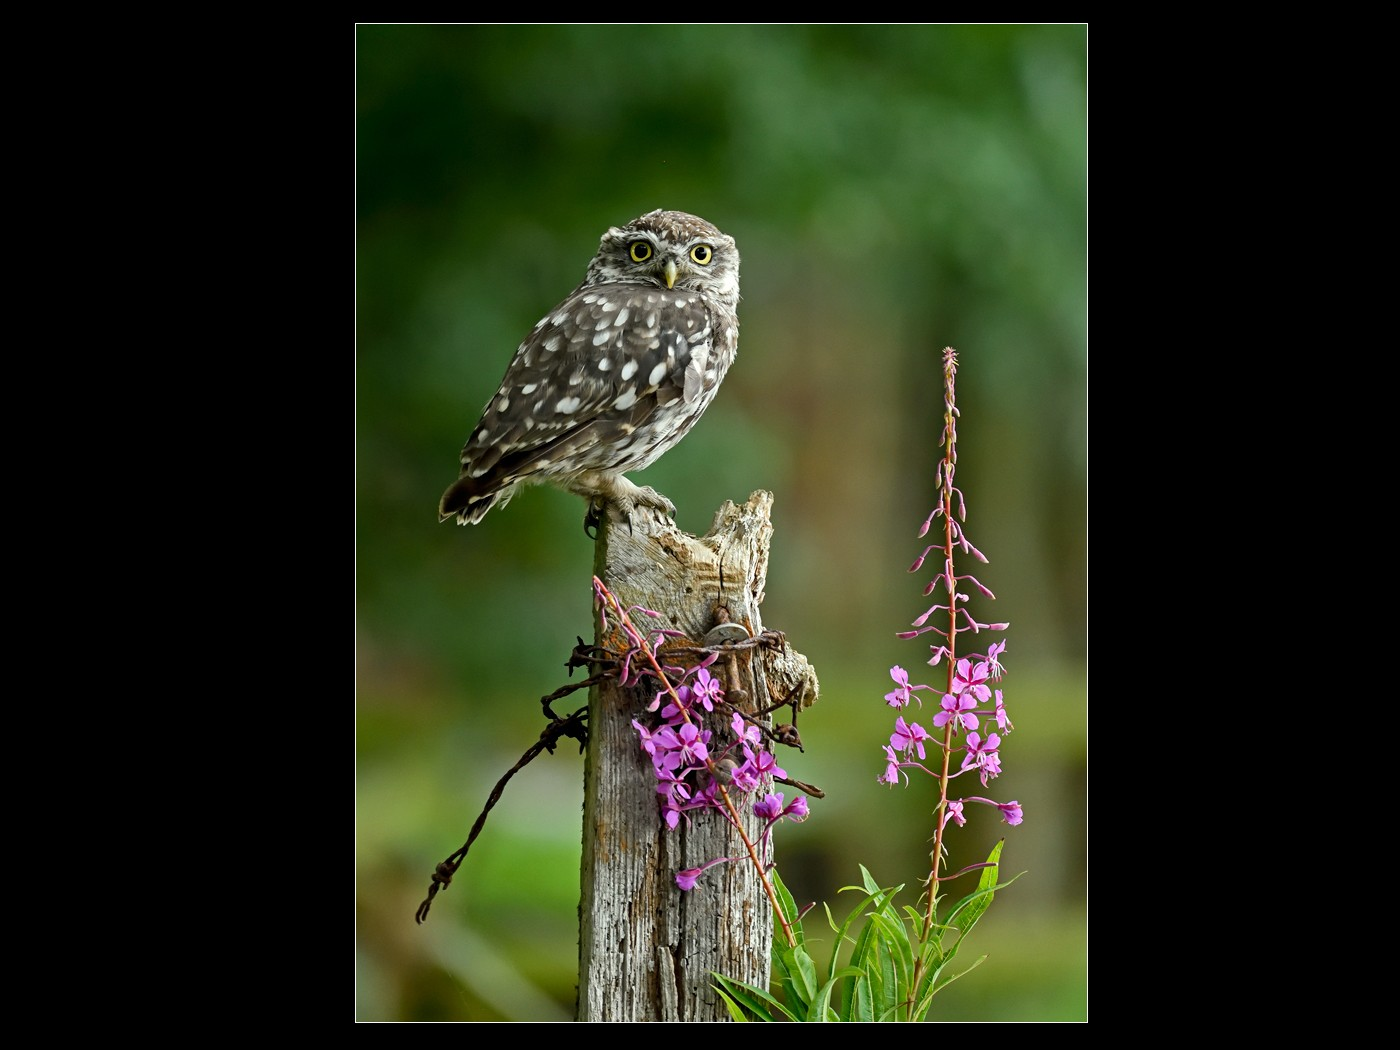 Wild Little Owl